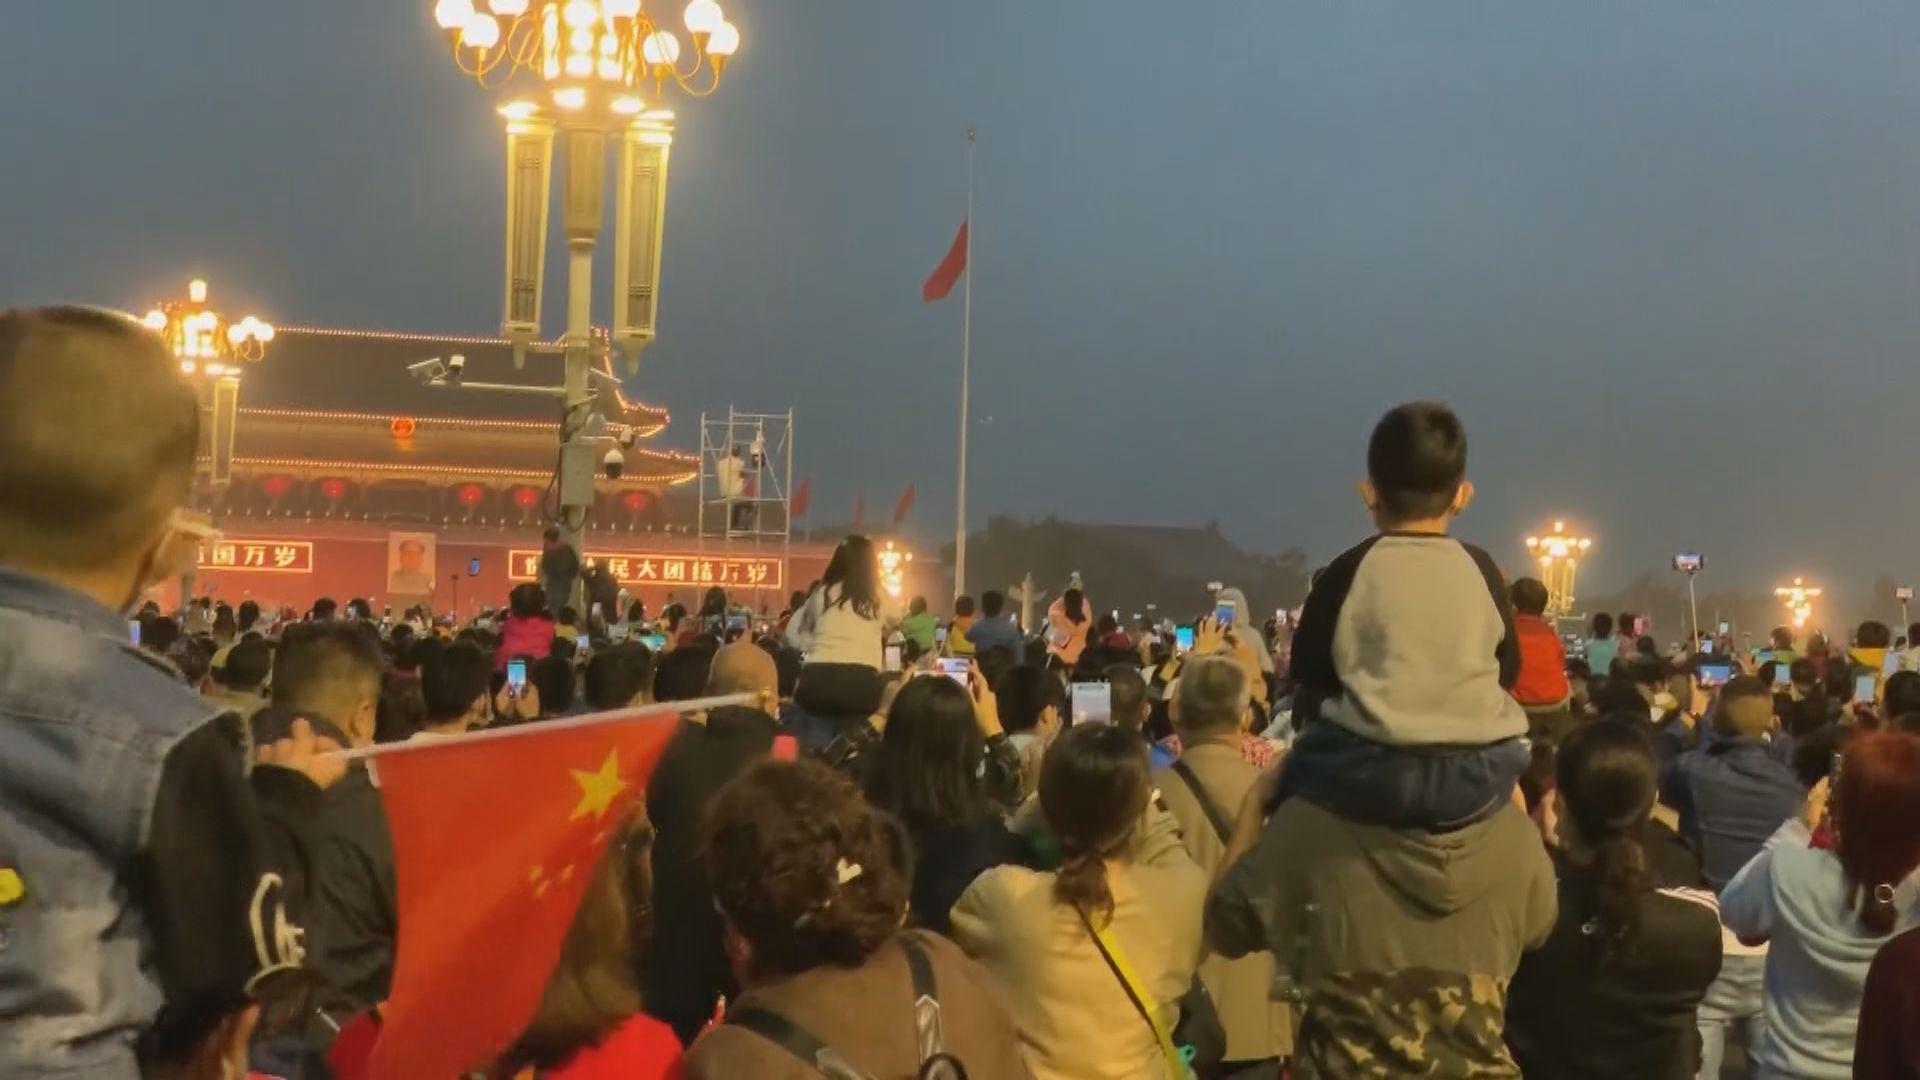 國慶中秋黃金周展開 北京景點要限制入場人數及預約